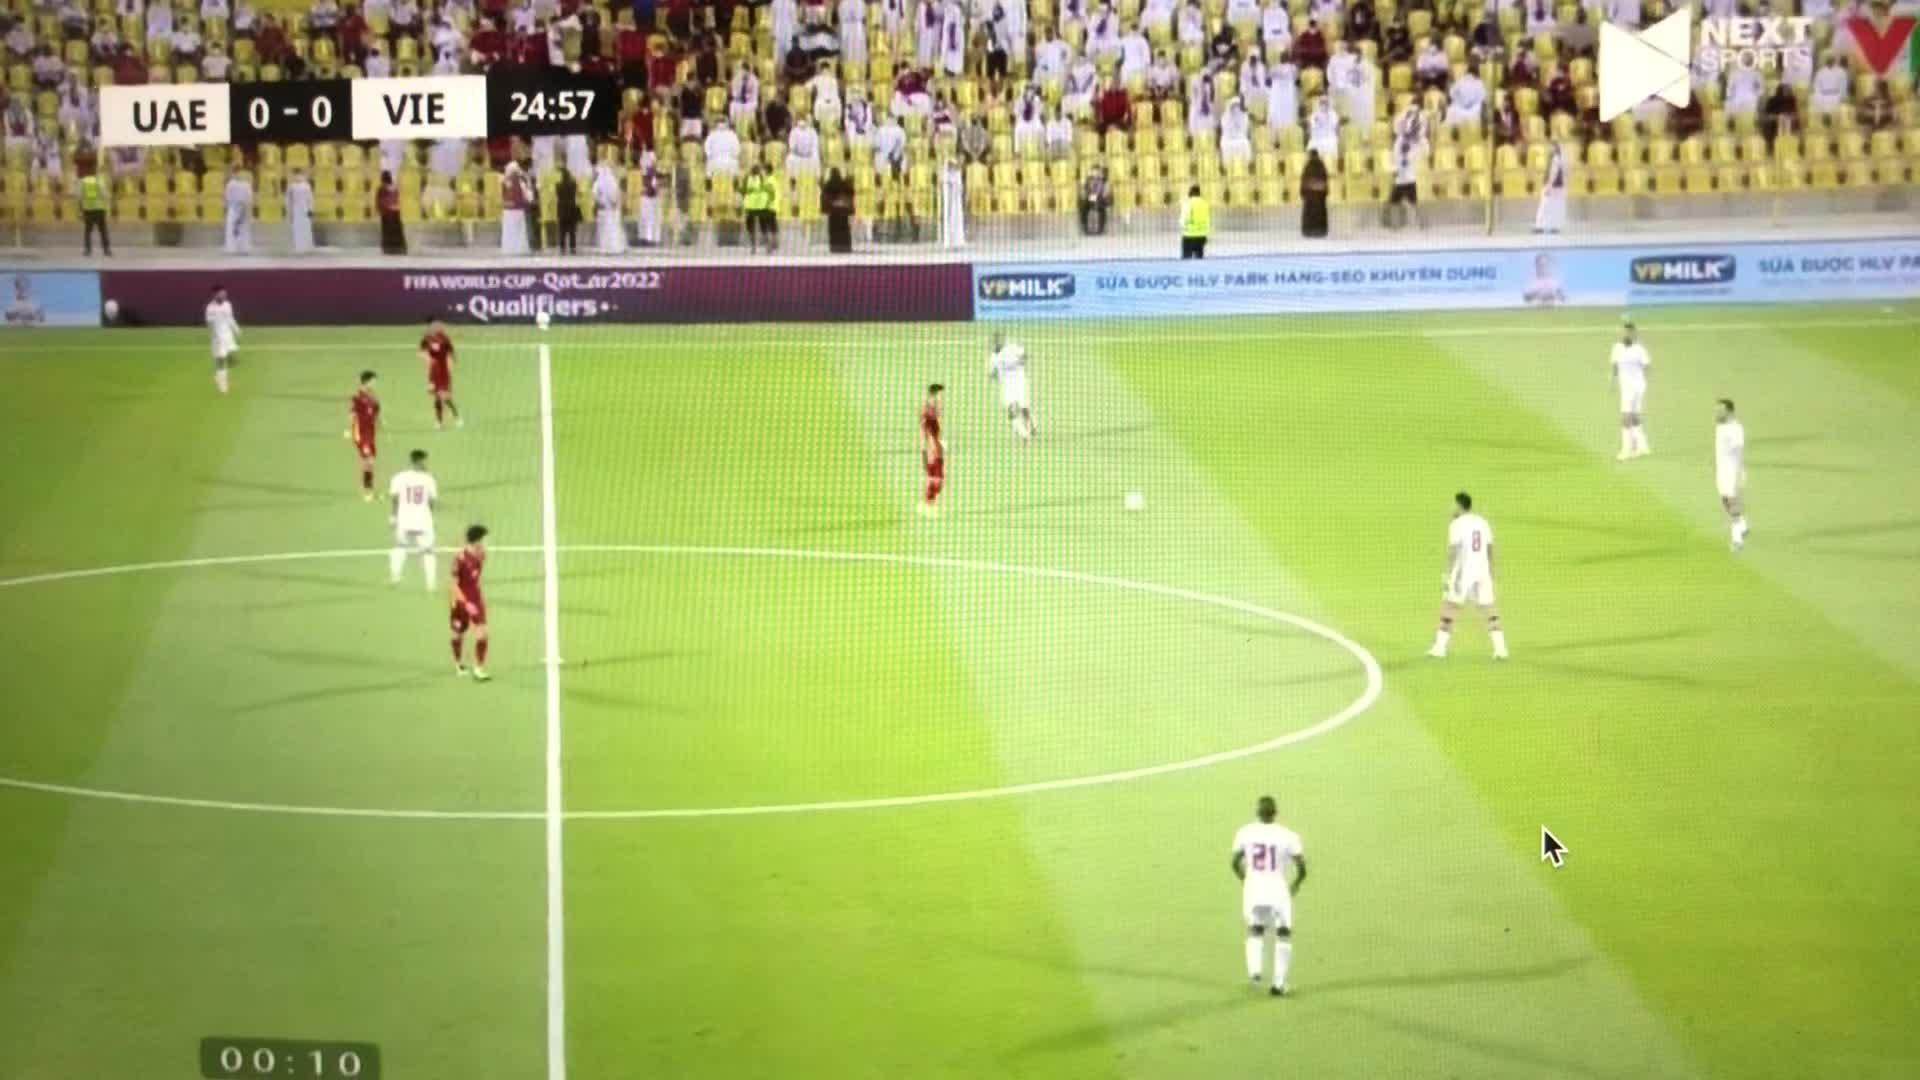 SOS: Vặn nhỏ loa trước khi nghe vì những tiếng khua chiêng ầm ĩ của cổ động viên UAE